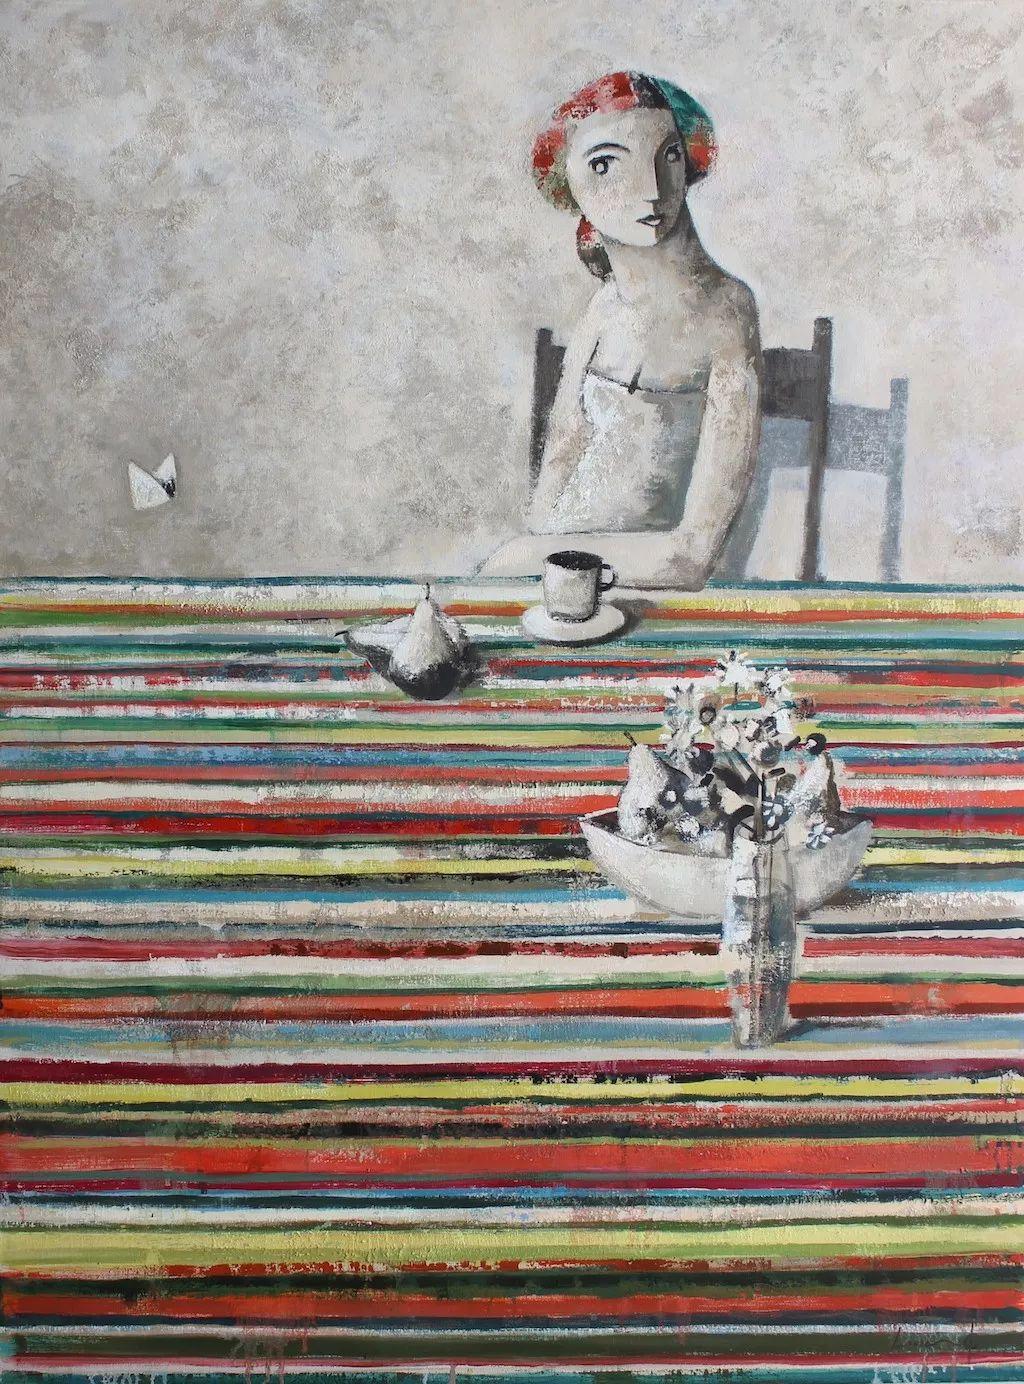 情感的表达,西班牙画家Didier Lourenço插图75